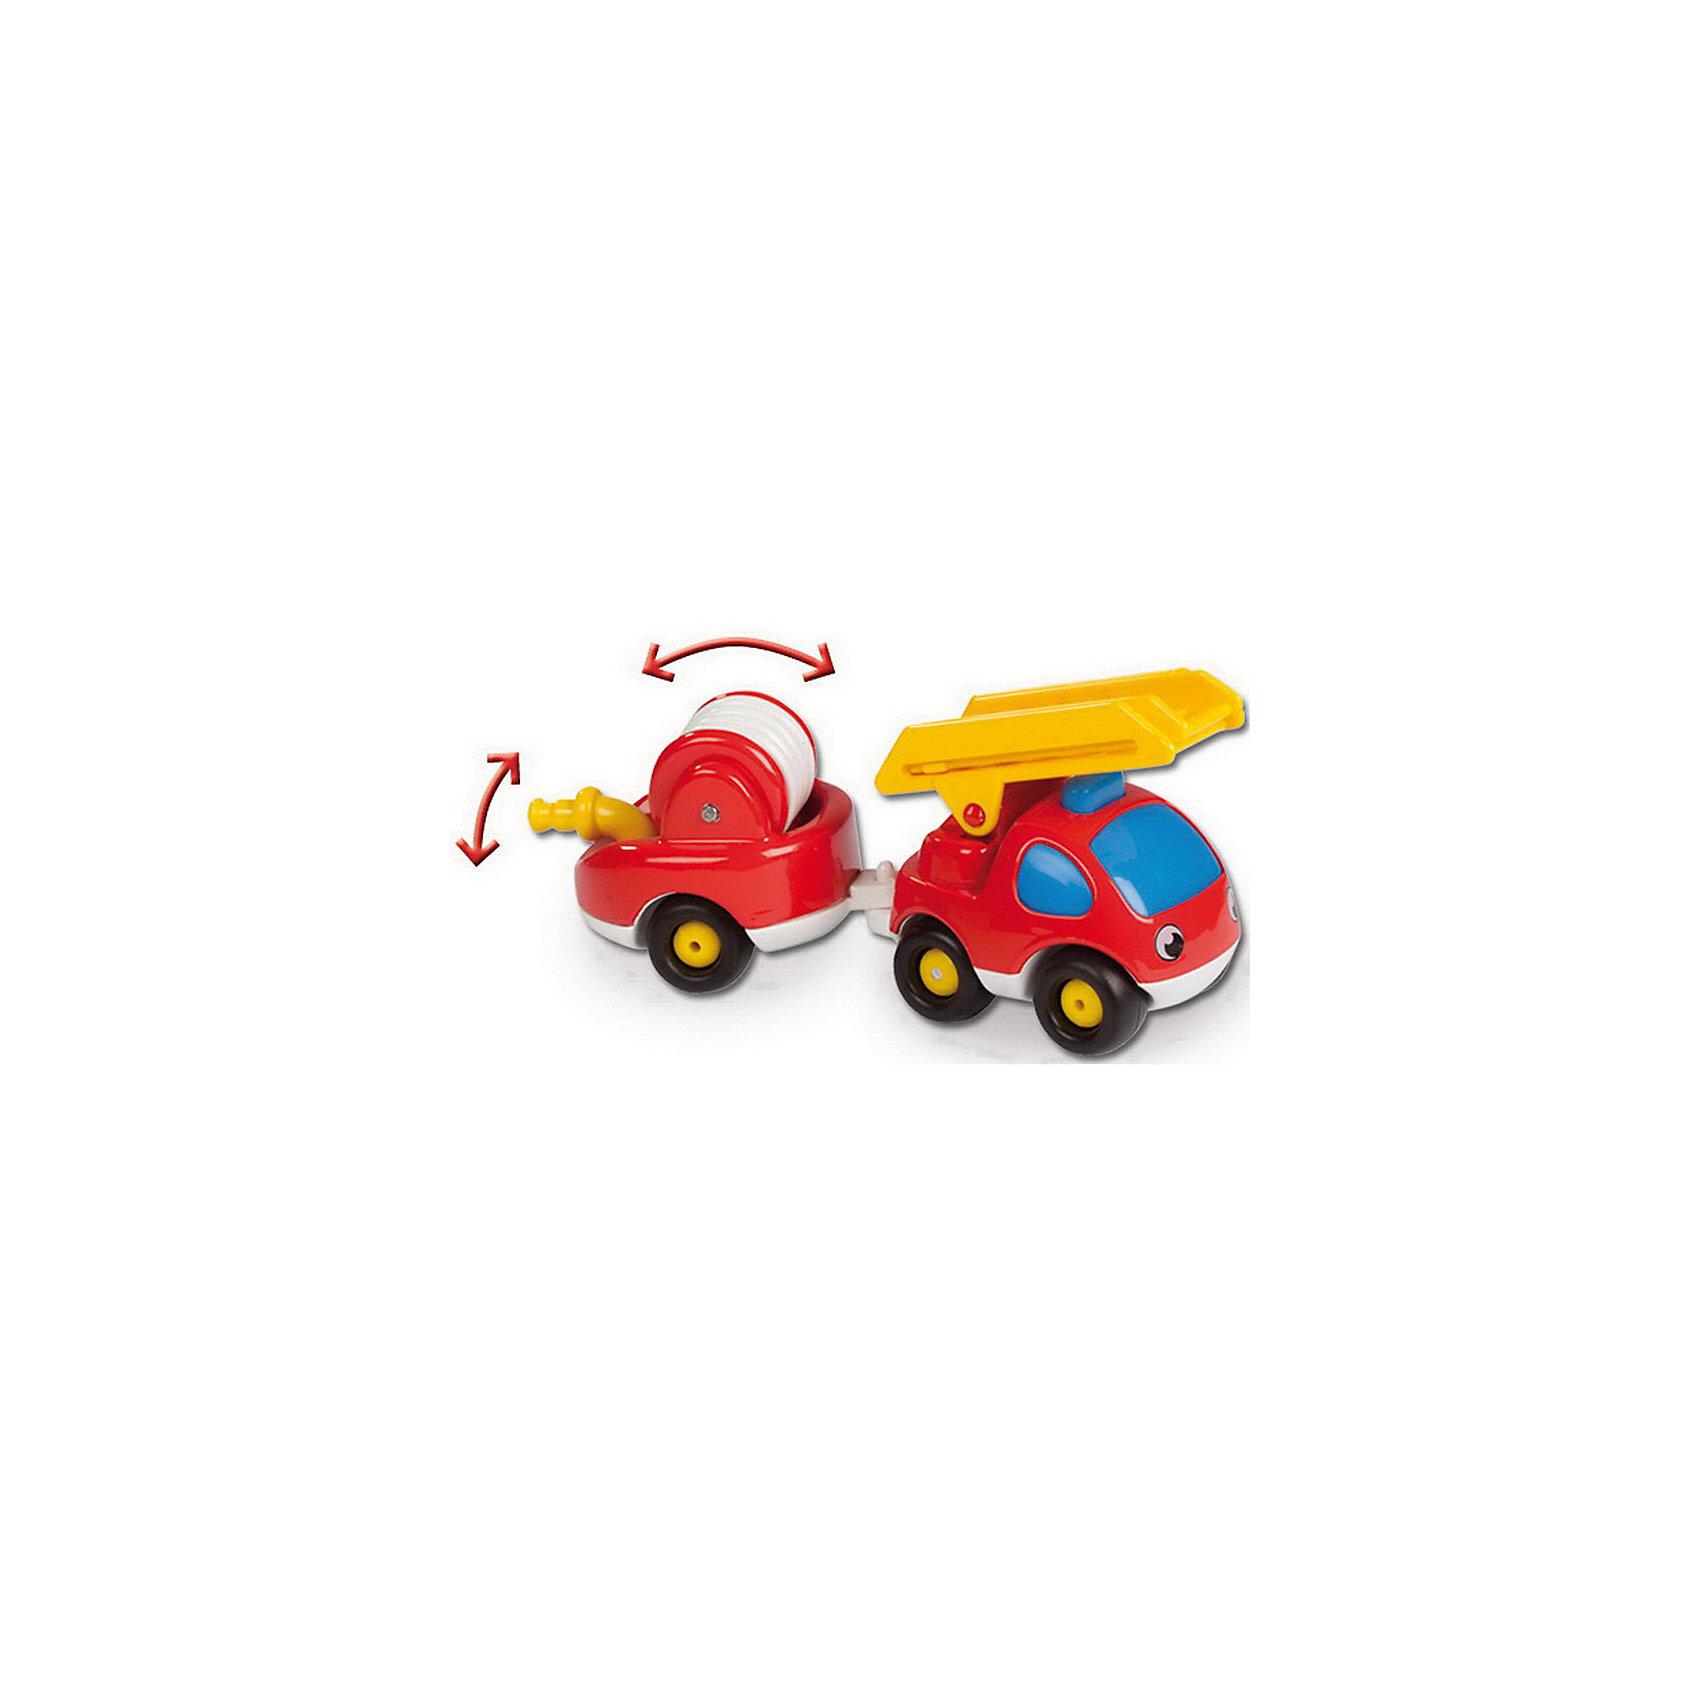 Пожарный грузовик, Vroom Planet, SmobyМашинки и транспорт для малышей<br>Красочный пожарный грузовичок, Vroom Planet, Smoby (Смоби) обязательно понравится всем маленьким любителям автотехники. Он замечательно подойдет для игр как дома, так и на улице. Грузовик ярко красного цвета имеет крупную округлую форму, удобную для детских ручек, без острых углов. Крупные колеса позволят малышу легко катать машинку по любой поверхности. Грузовичок оснащен прицепом с пожарный шлангом, который раскручивается для тушения пожара.<br><br>Дополнительная информация:<br><br>- Материал: пластик.<br>- Размер машинки: 17 см.<br>- Размер упаковки: 7 х 9,5 х 18 см.<br>- Вес: 0,2 кг.<br><br>Пожарный грузовик, Vroom Planet, Smoby (Смоби) можно купить в нашем интернет-магазине.<br><br>Ширина мм: 100<br>Глубина мм: 70<br>Высота мм: 180<br>Вес г: 200<br>Возраст от месяцев: 24<br>Возраст до месяцев: 60<br>Пол: Мужской<br>Возраст: Детский<br>SKU: 4166801